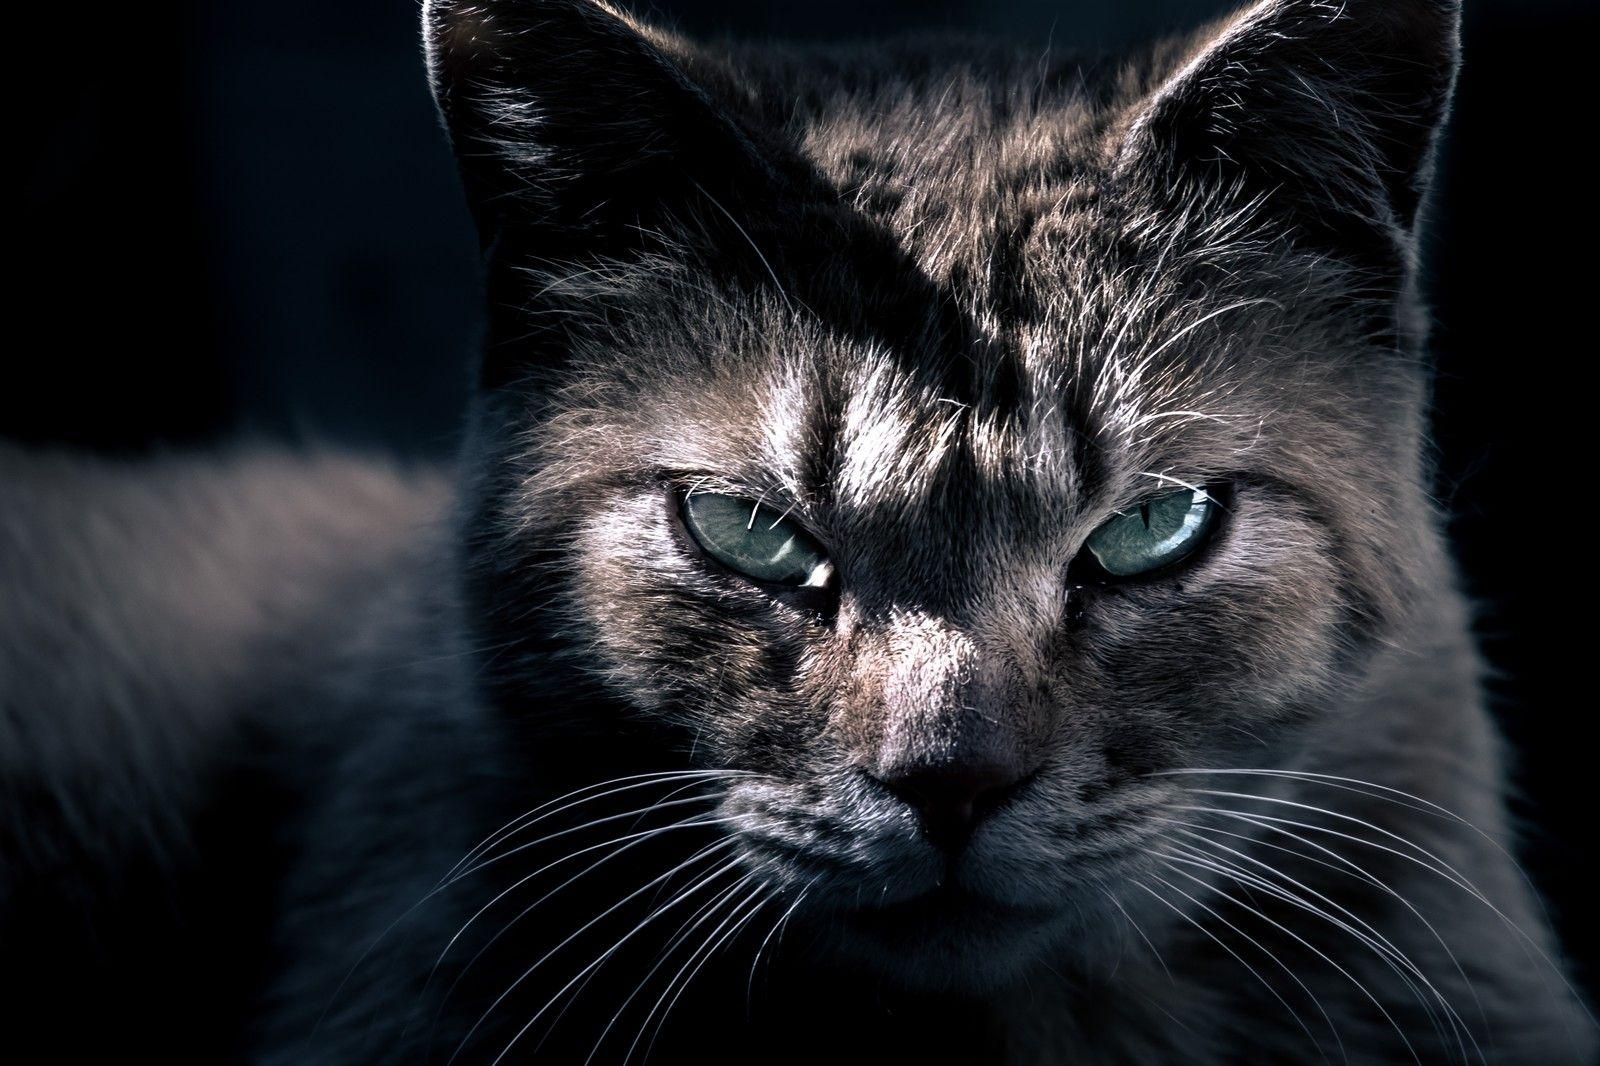 眼光の鋭い猫眼光の鋭い猫」のフリー写真素材を拡大 | Cats, Cat ...